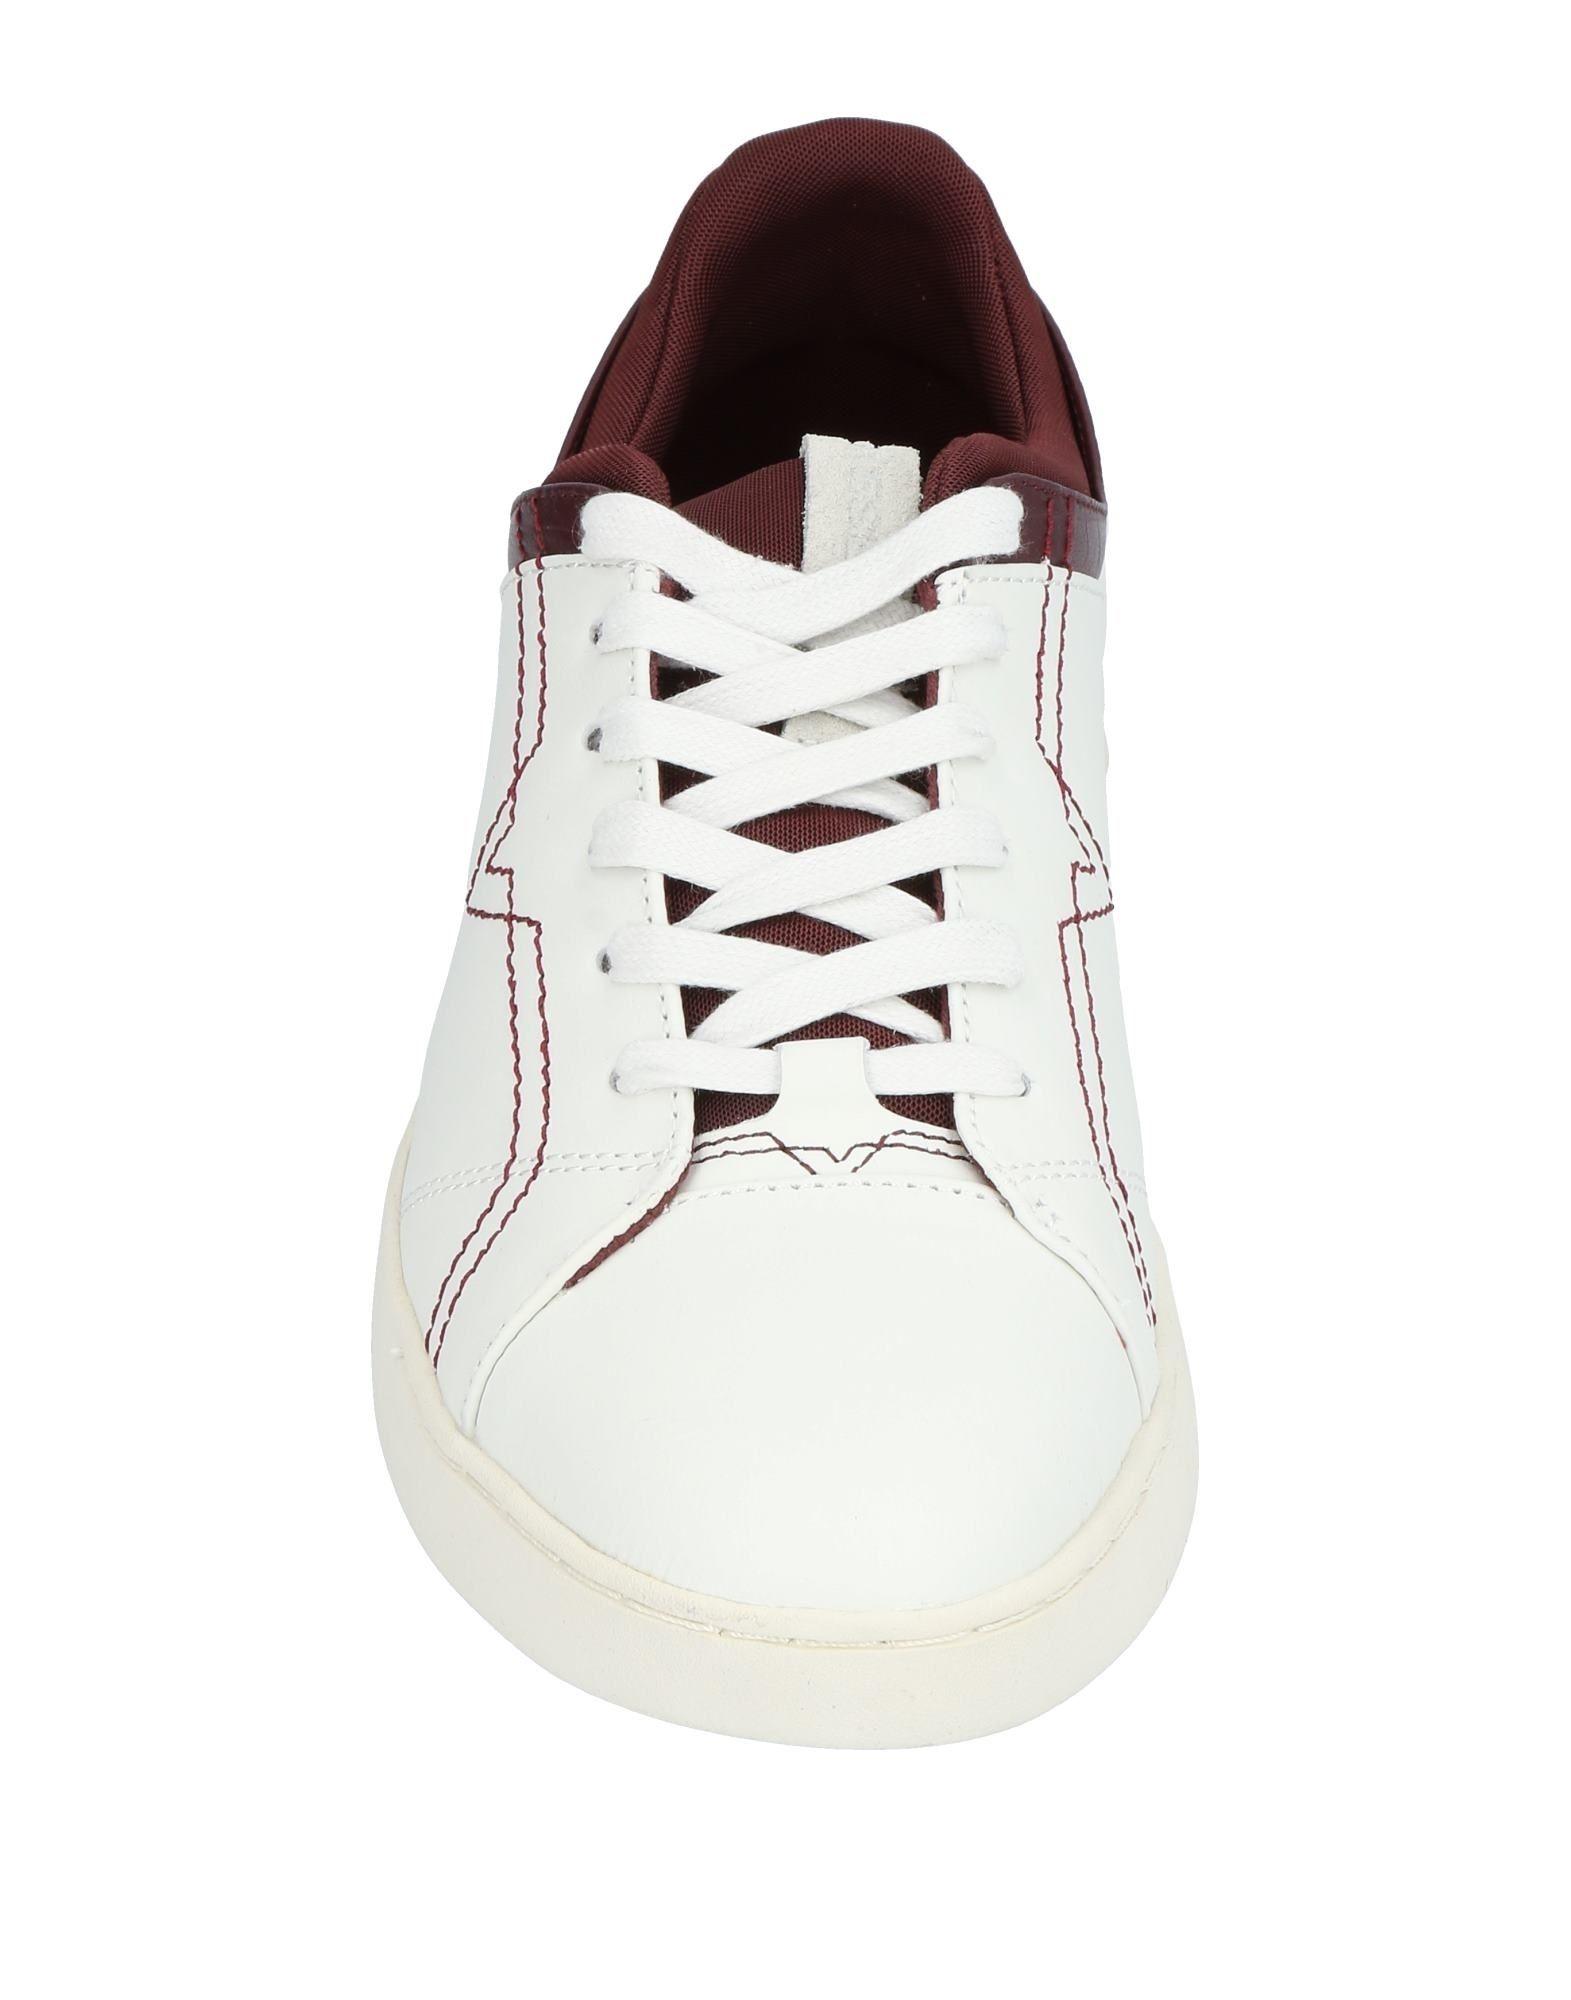 Rabatt Herren echte Schuhe Diesel Sneakers Herren Rabatt  11414687WC 2ad07f